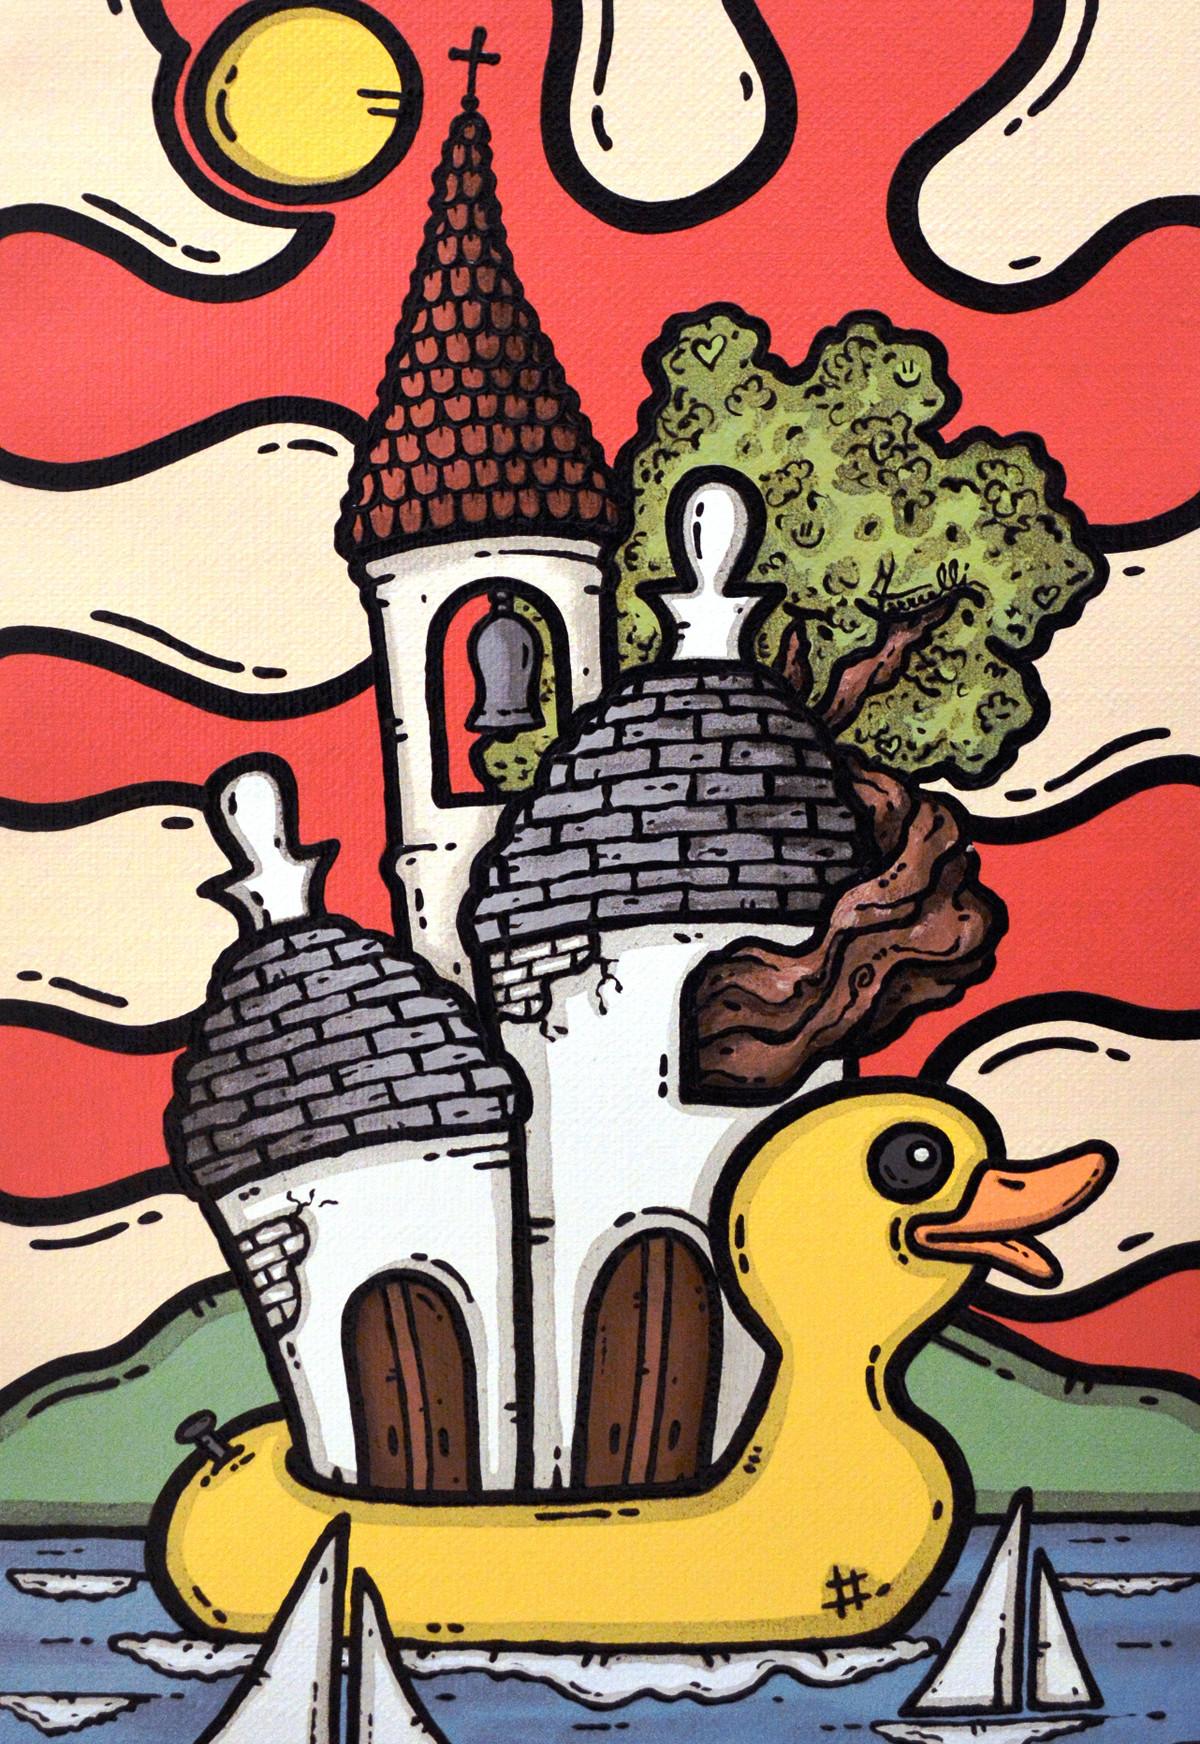 opera, quadri, contornismo metafisico, francesco ferrulli, pittore pugliese, artista italiano, arte contemporanea, dipinto, olio su tela, paesaggi pugliesi, puglia, anamnesi d'infante, trullo, quadro colorato, paperella